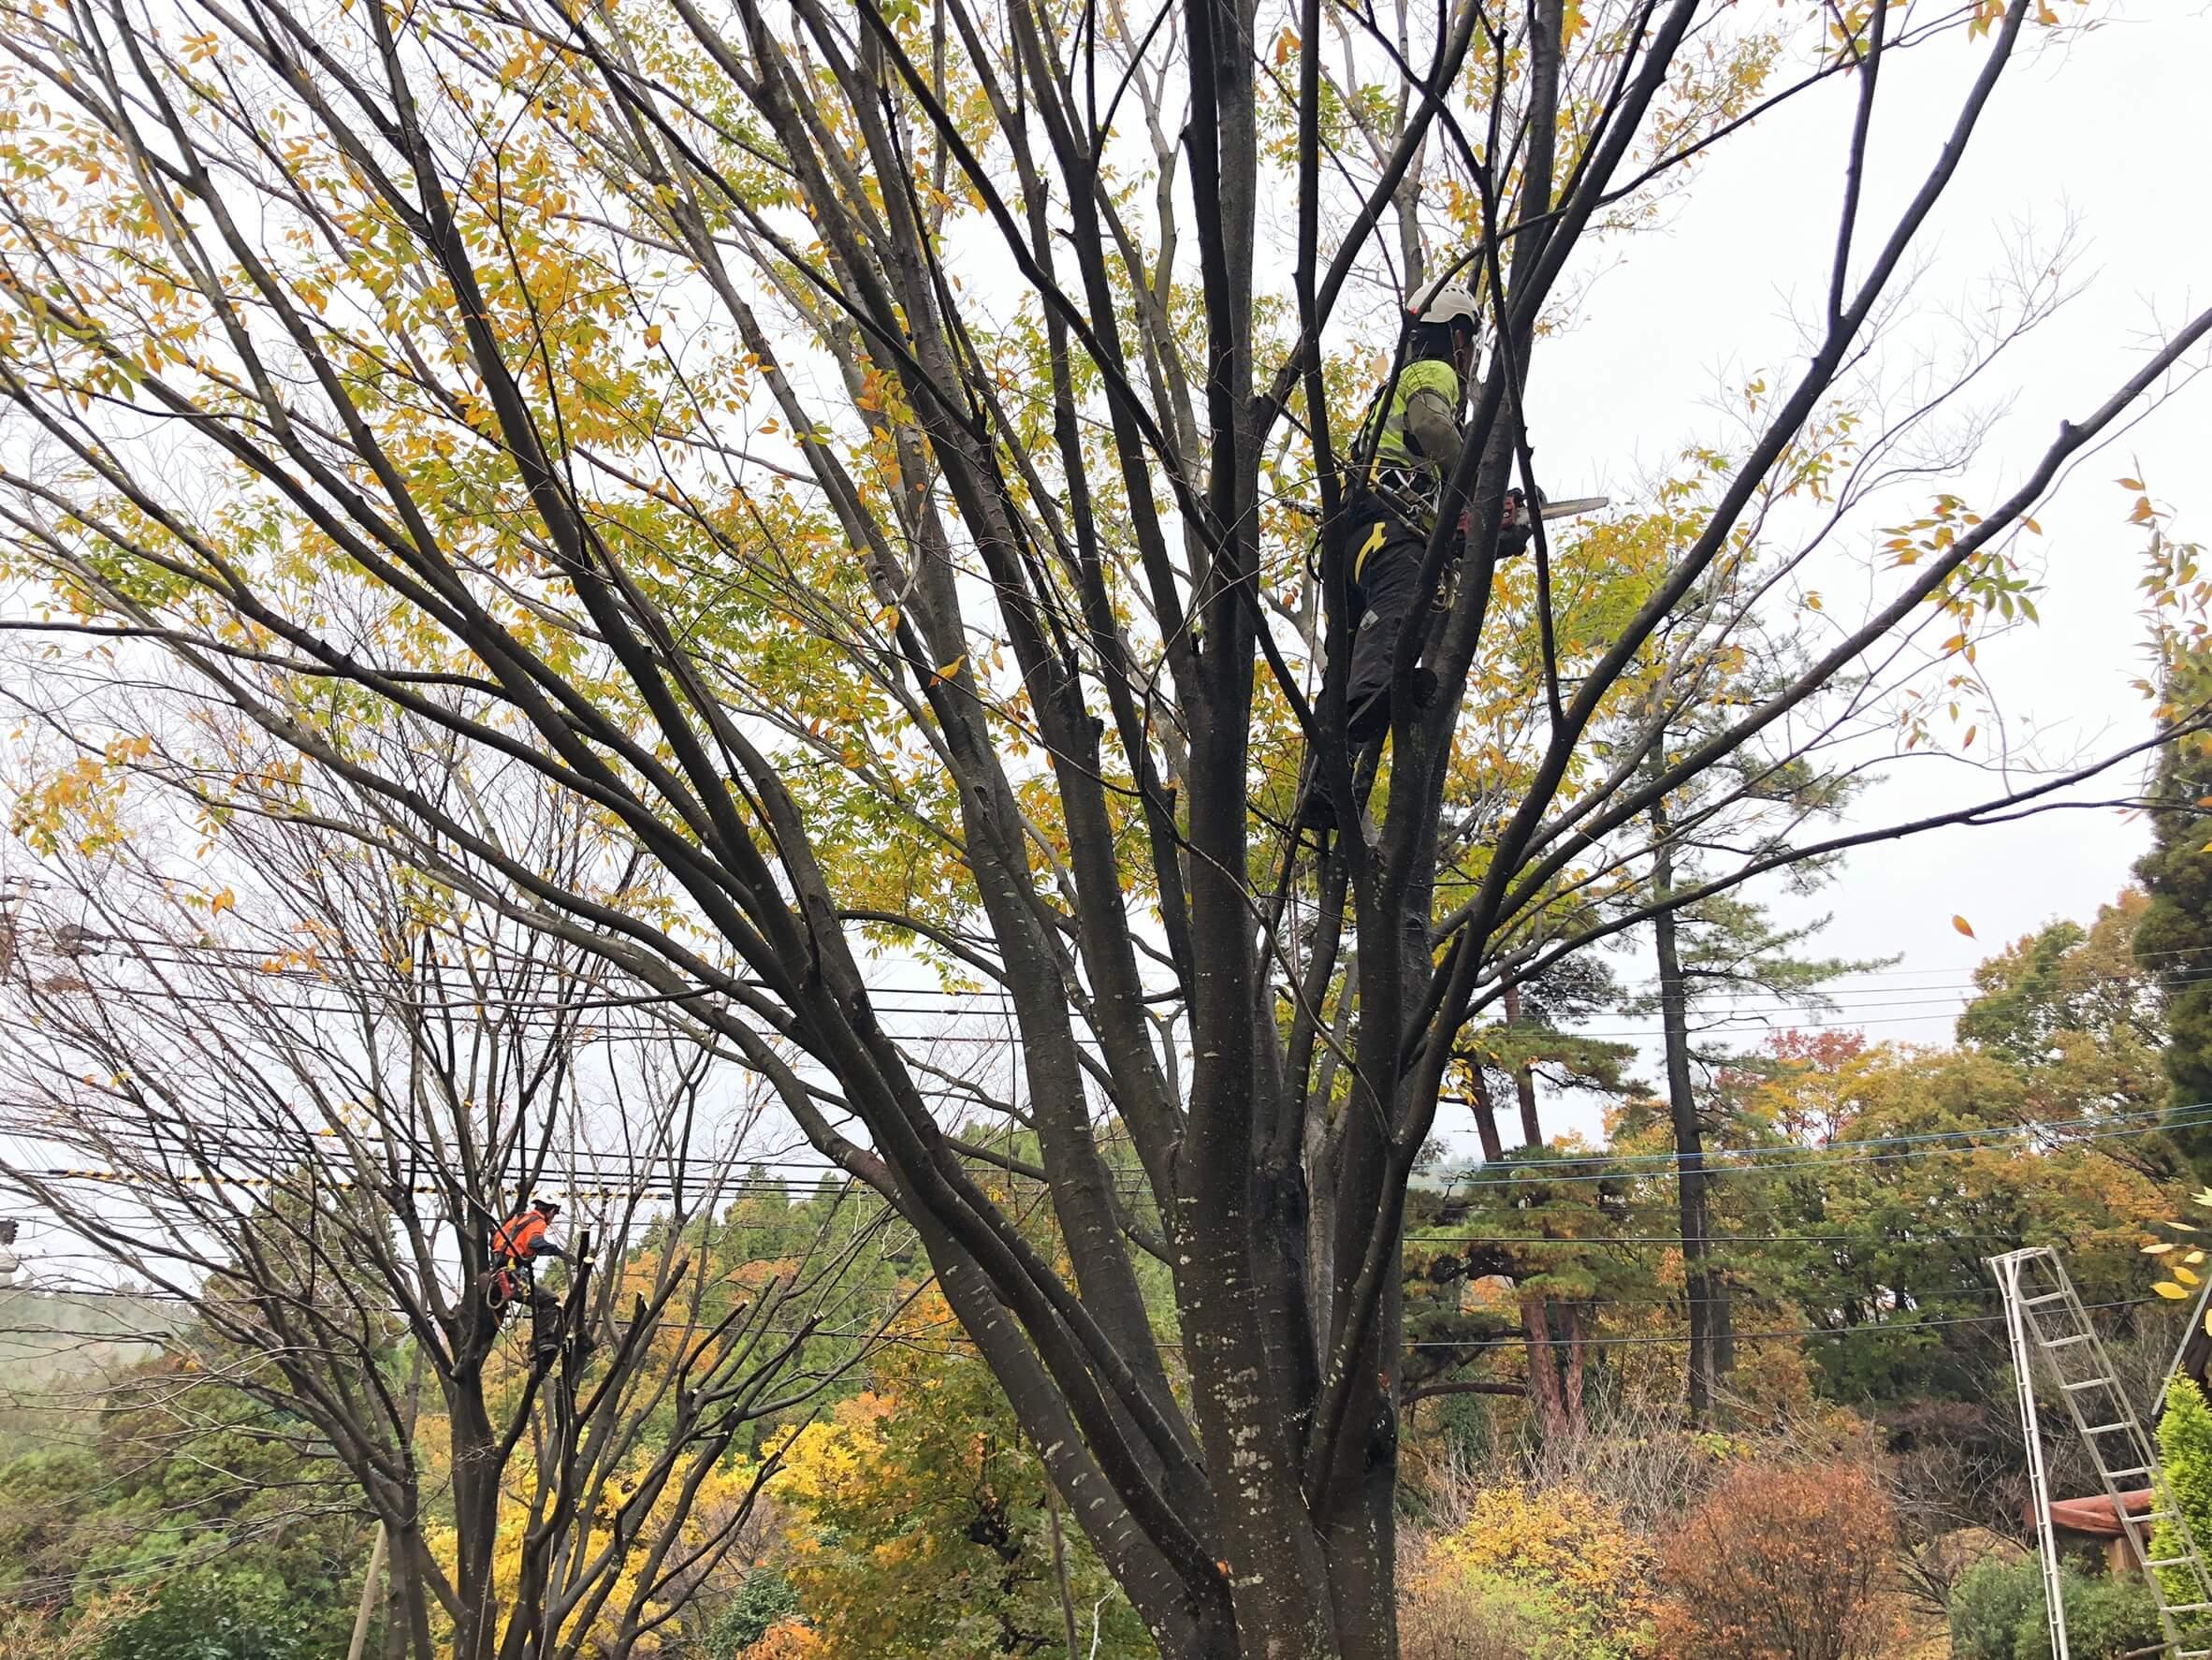 木に登りこんで剪定作業を行うスタッフ藤本(左)と田嶋(右)